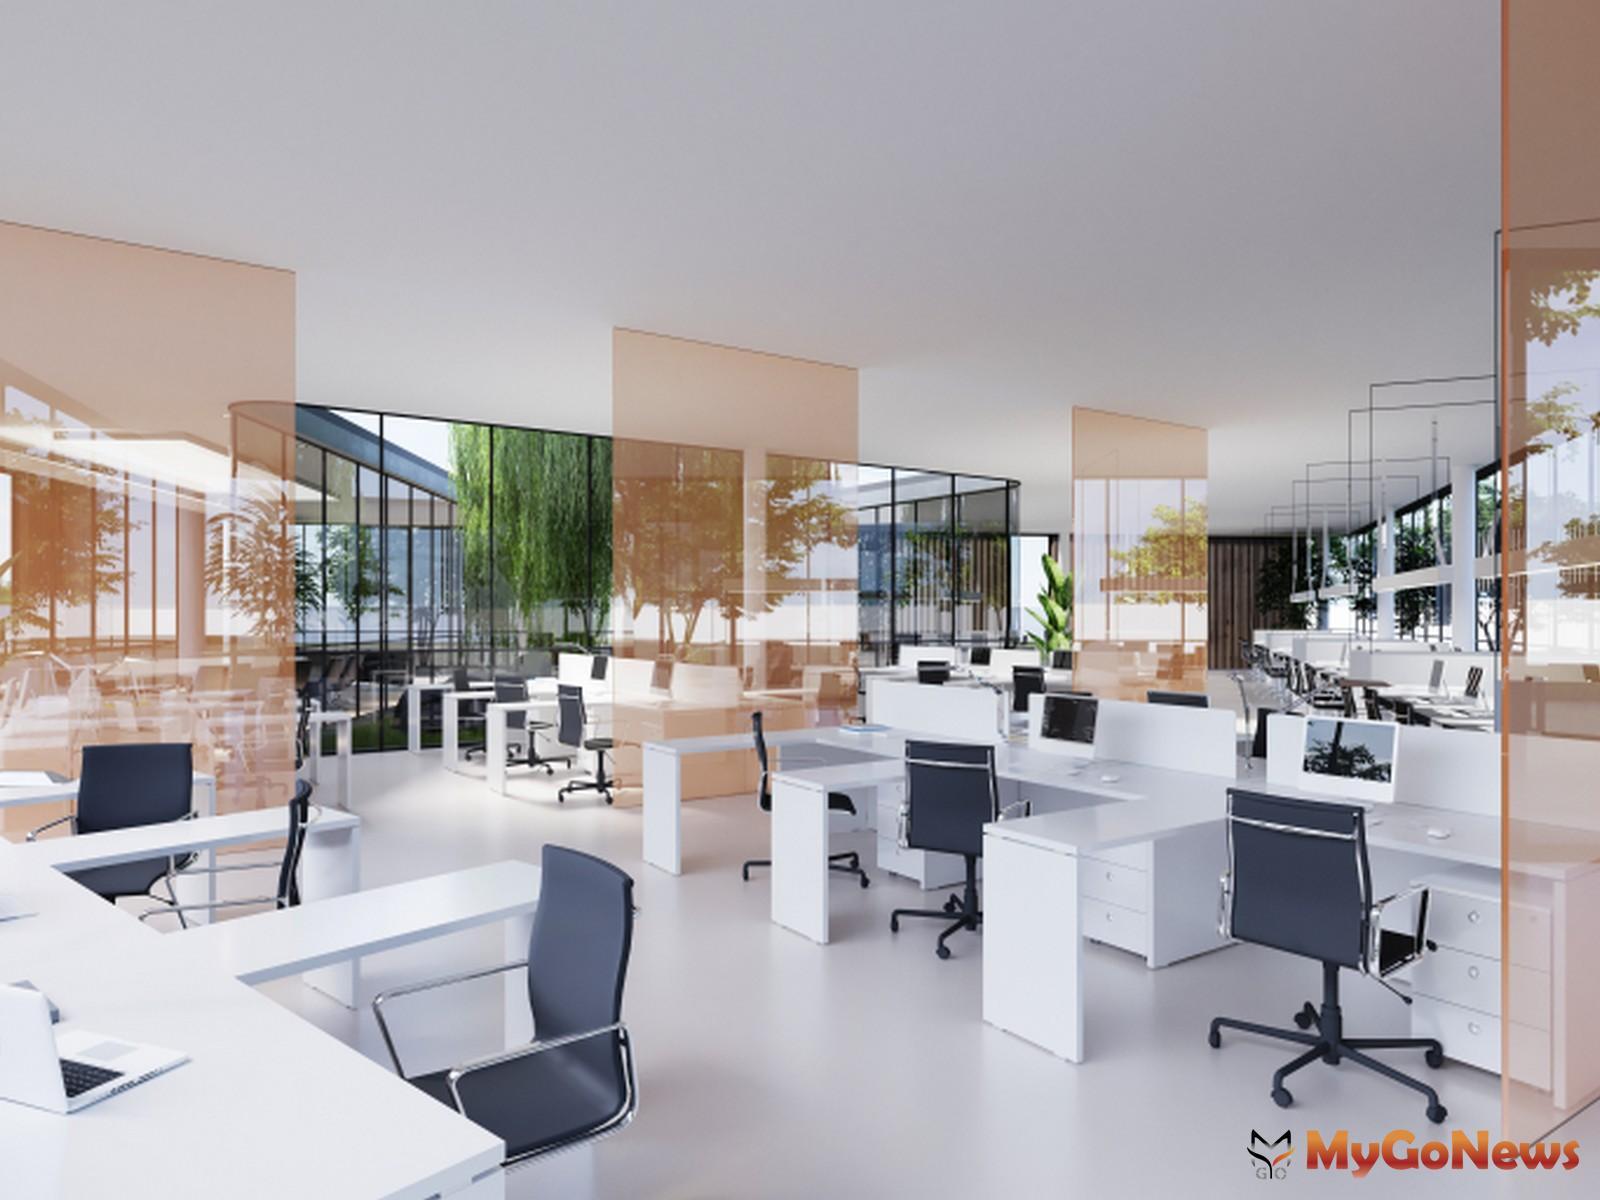 高力國際認為越來越多企業能接受或開始思考辦公室由過去一人一位的傳統辦公模式,邁入沒有固定座位的彈性辦公室階段(圖/高力國際) MyGoNews房地產新聞 趨勢報導